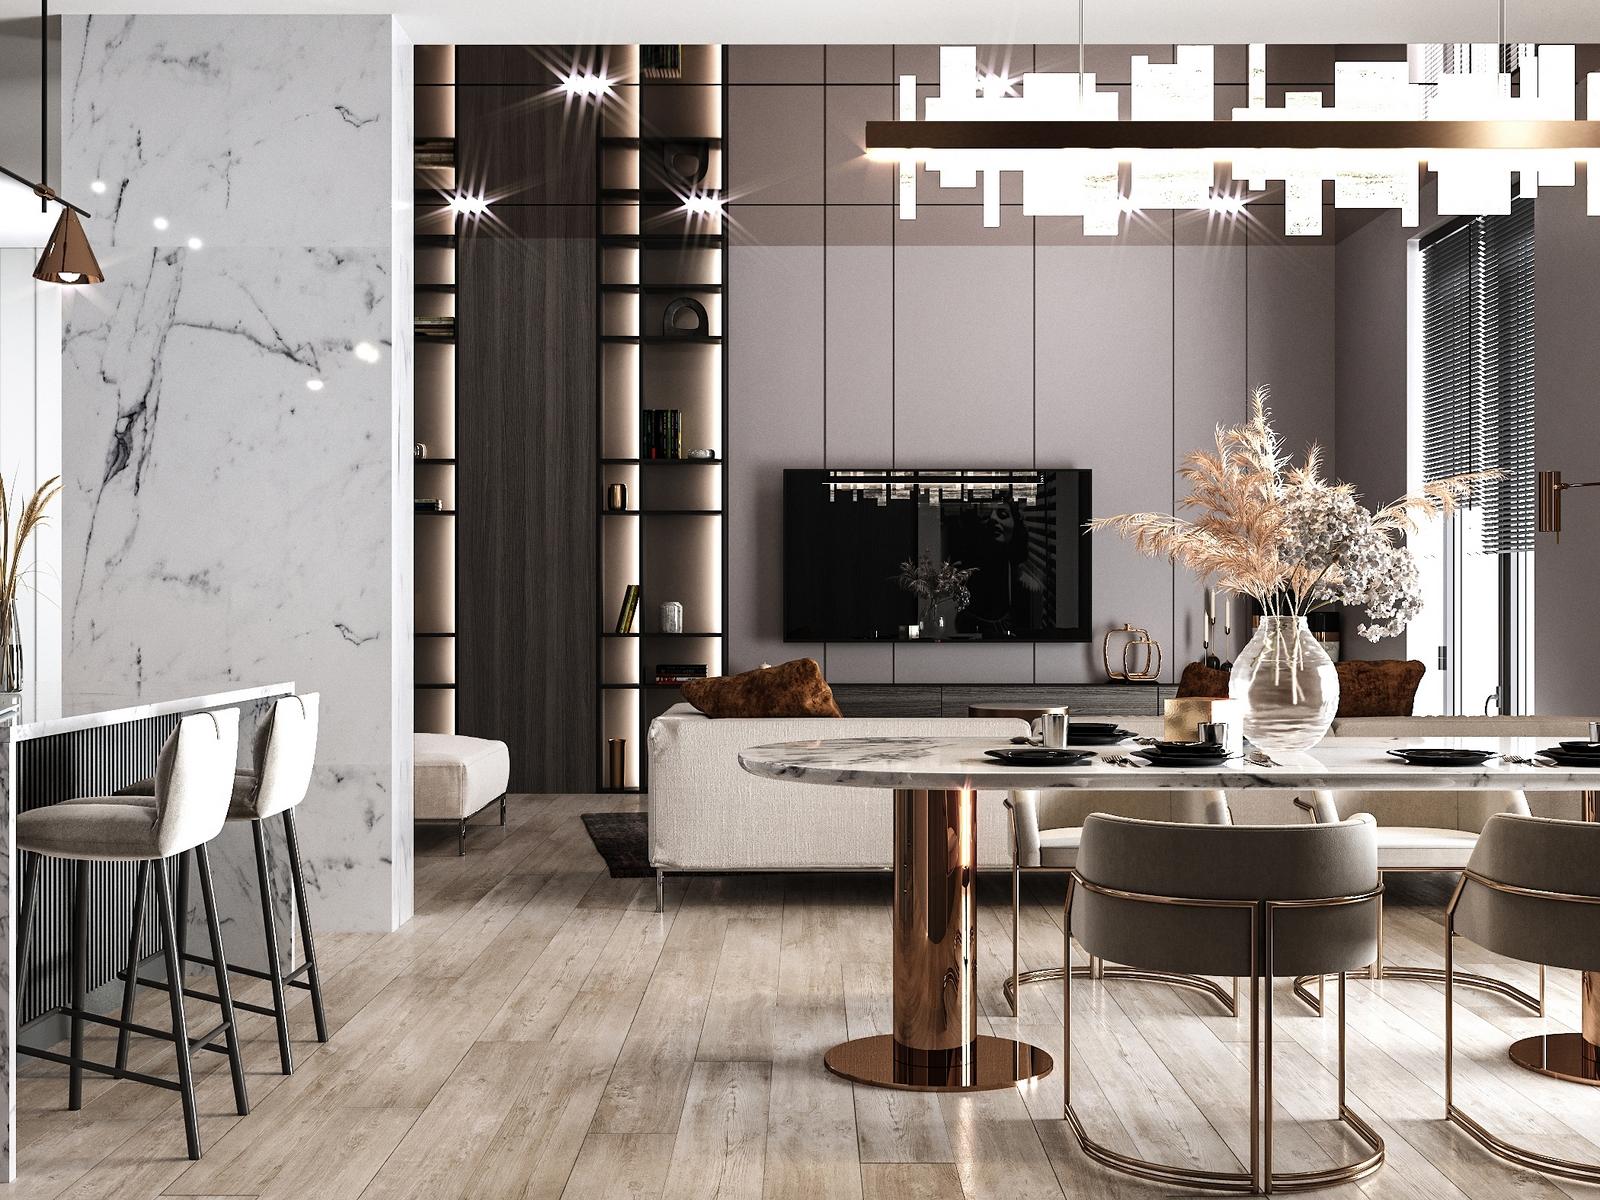 Современный интерьер в стиле ар-деко без лишней эксцентричности и замысловатых деталей от студии дизайна GM-INTERIOR